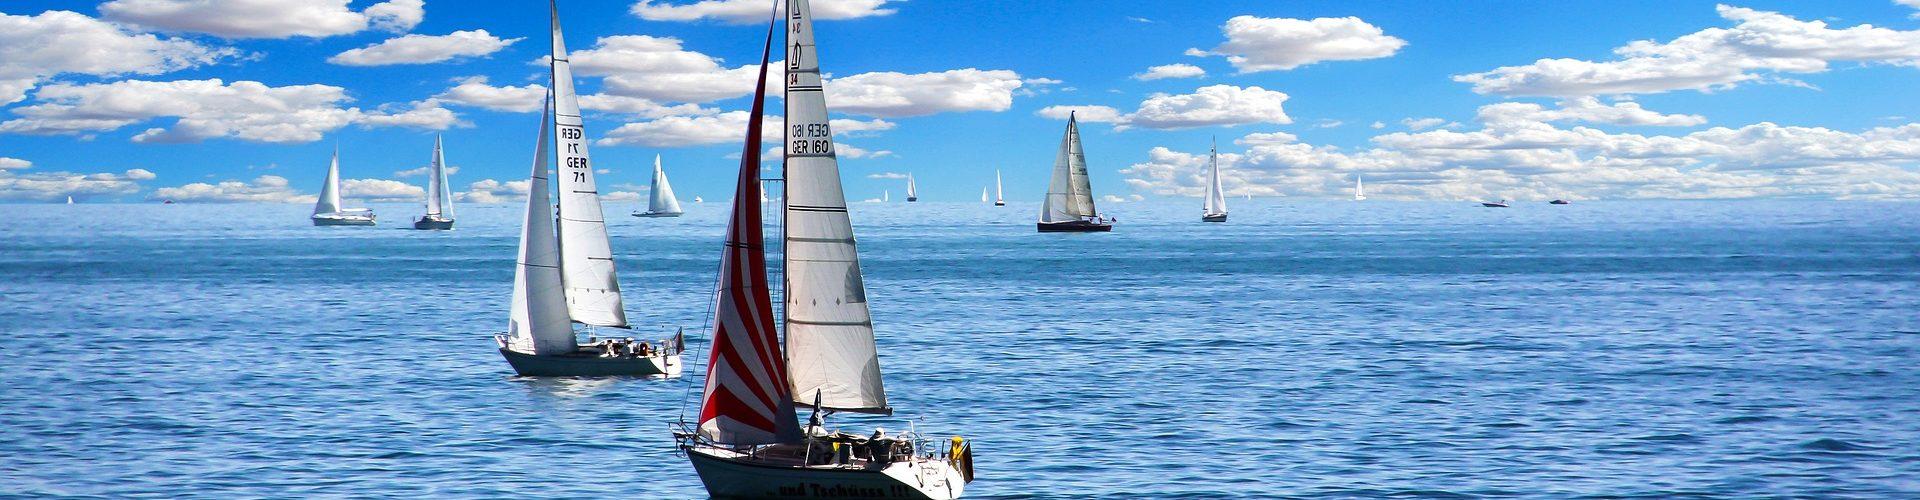 segeln lernen in Blaustein segelschein machen in Blaustein 1920x500 - Segeln lernen in Blaustein